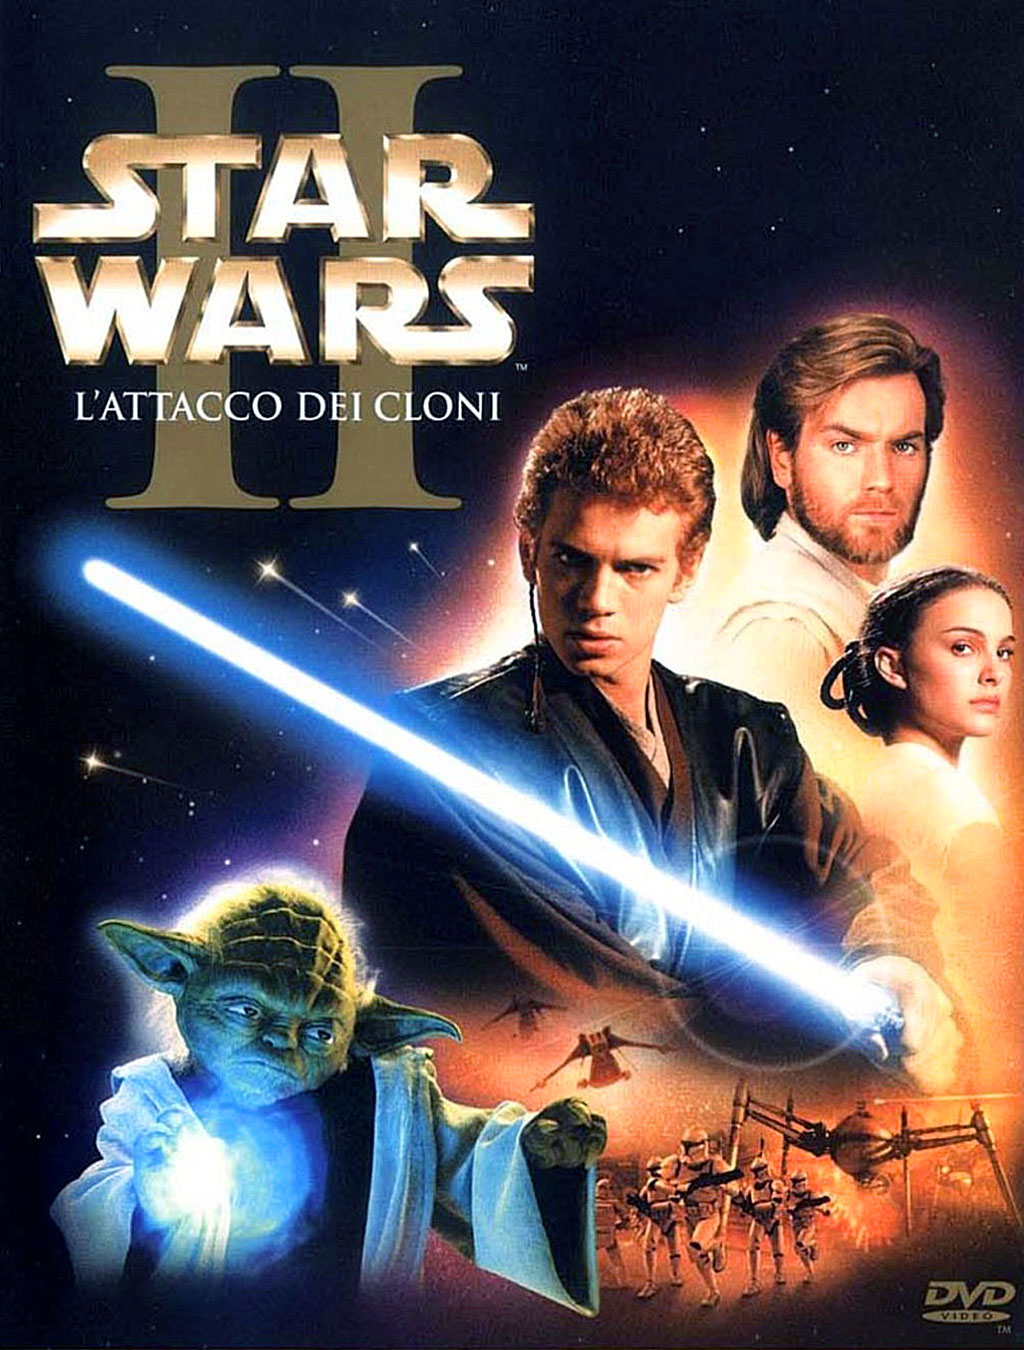 star wars -attacco-dei-cloni